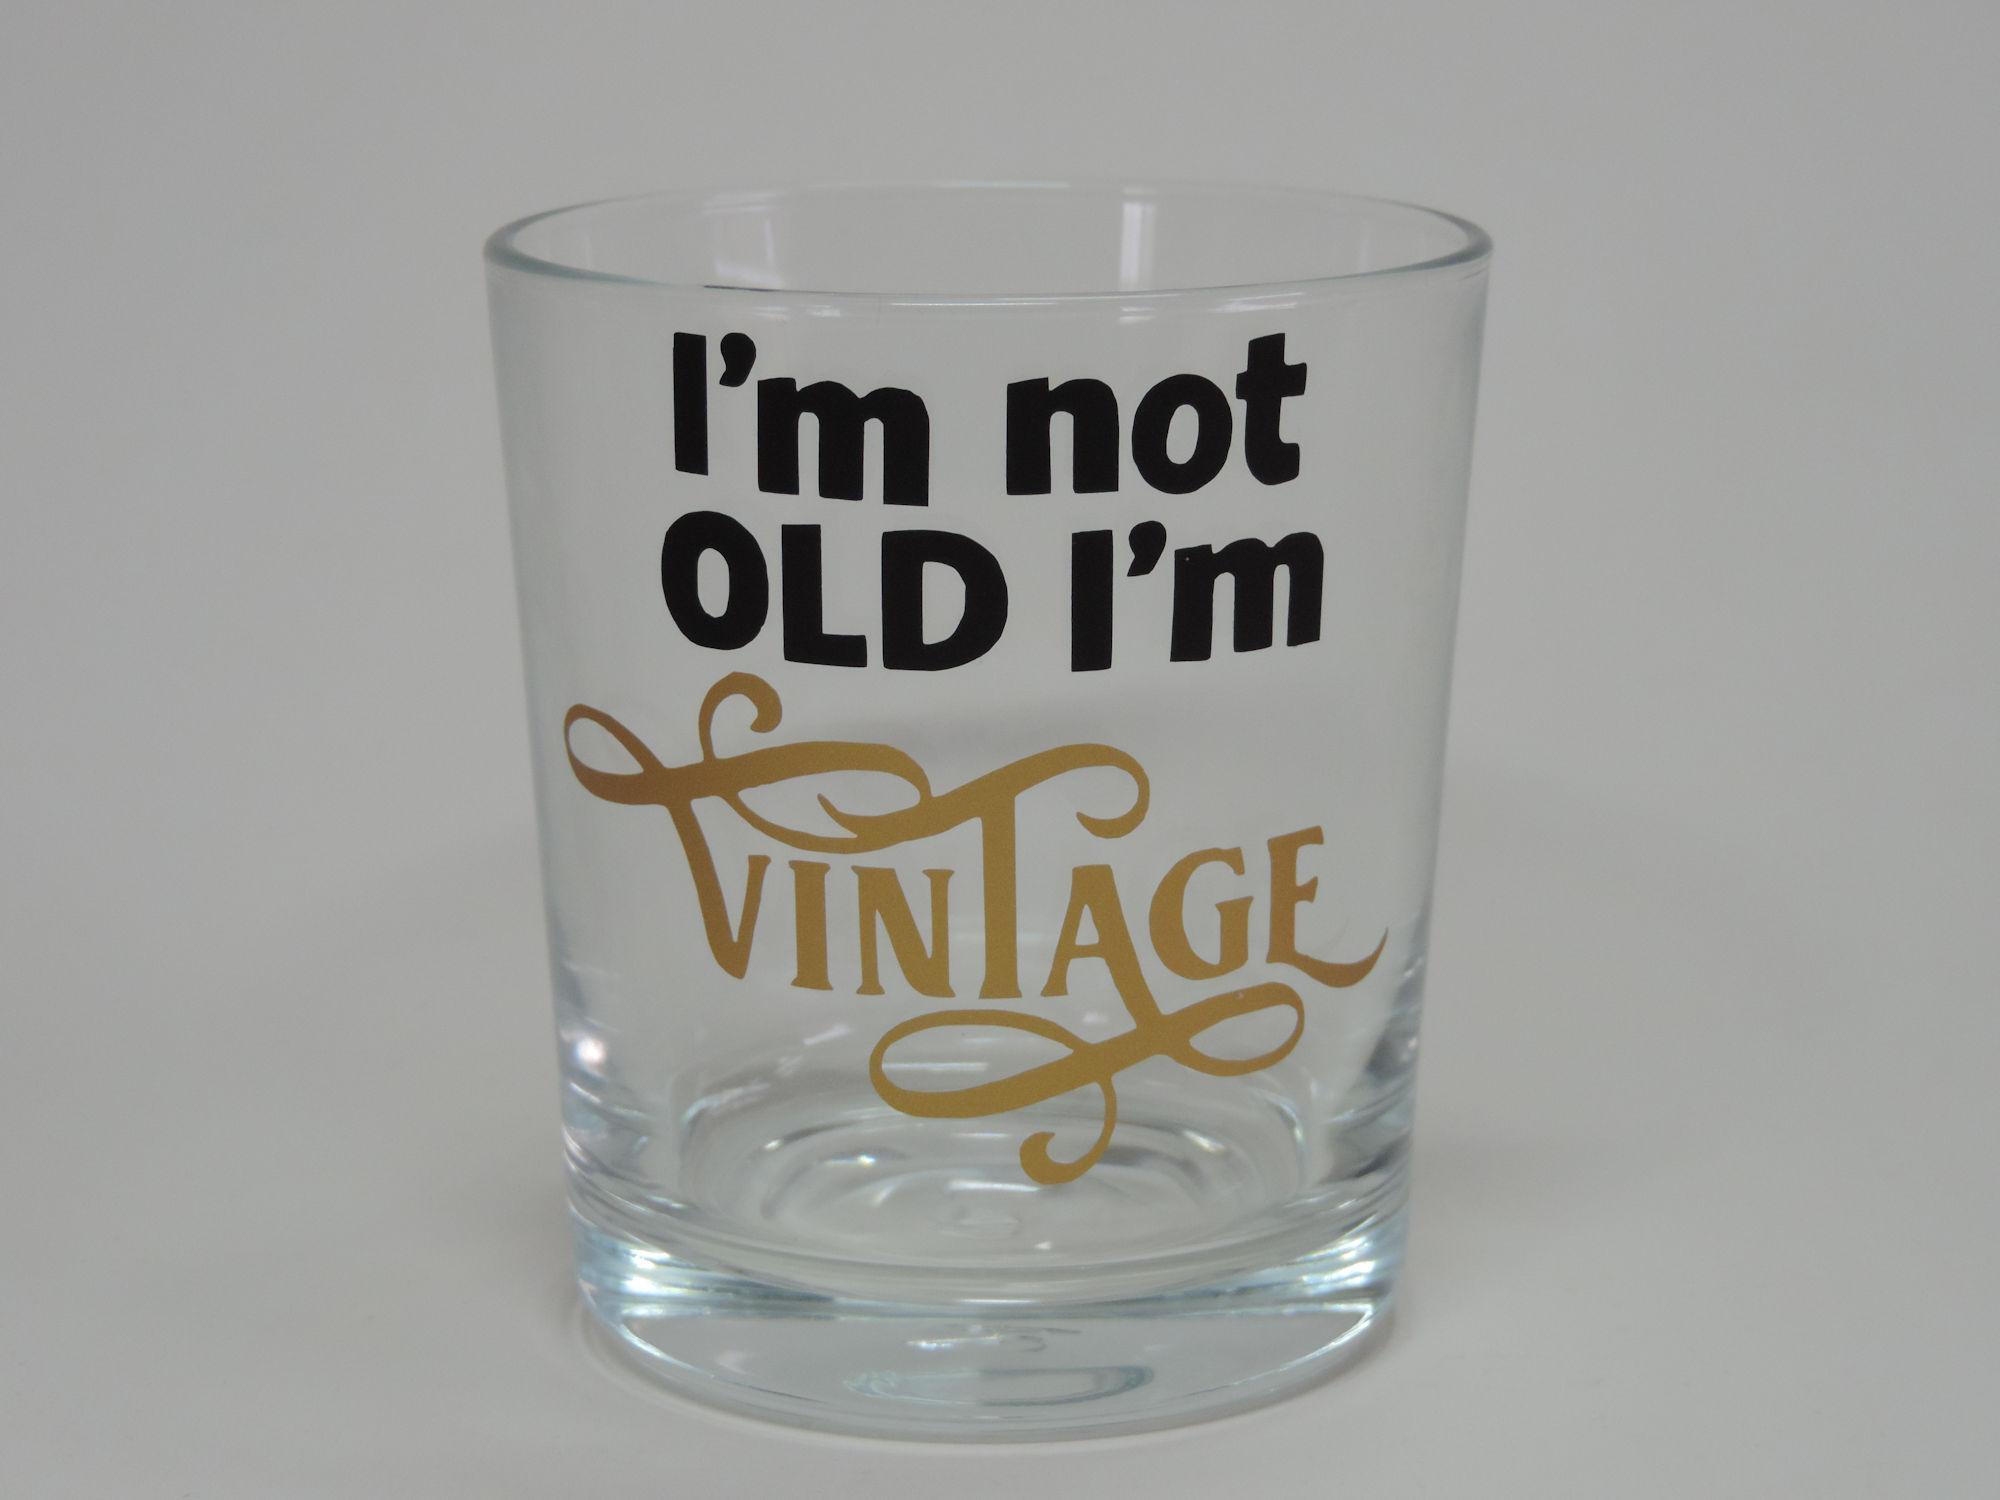 Teelicht Glas Windlicht Vintage sw/gold verziert Handmade Unikat Party Trinkglas, Party Glas, Disney, Unikat, personalisiert, Windlicht, Teelicht Glas, Ostern Häschen, Disney, Micky Maus